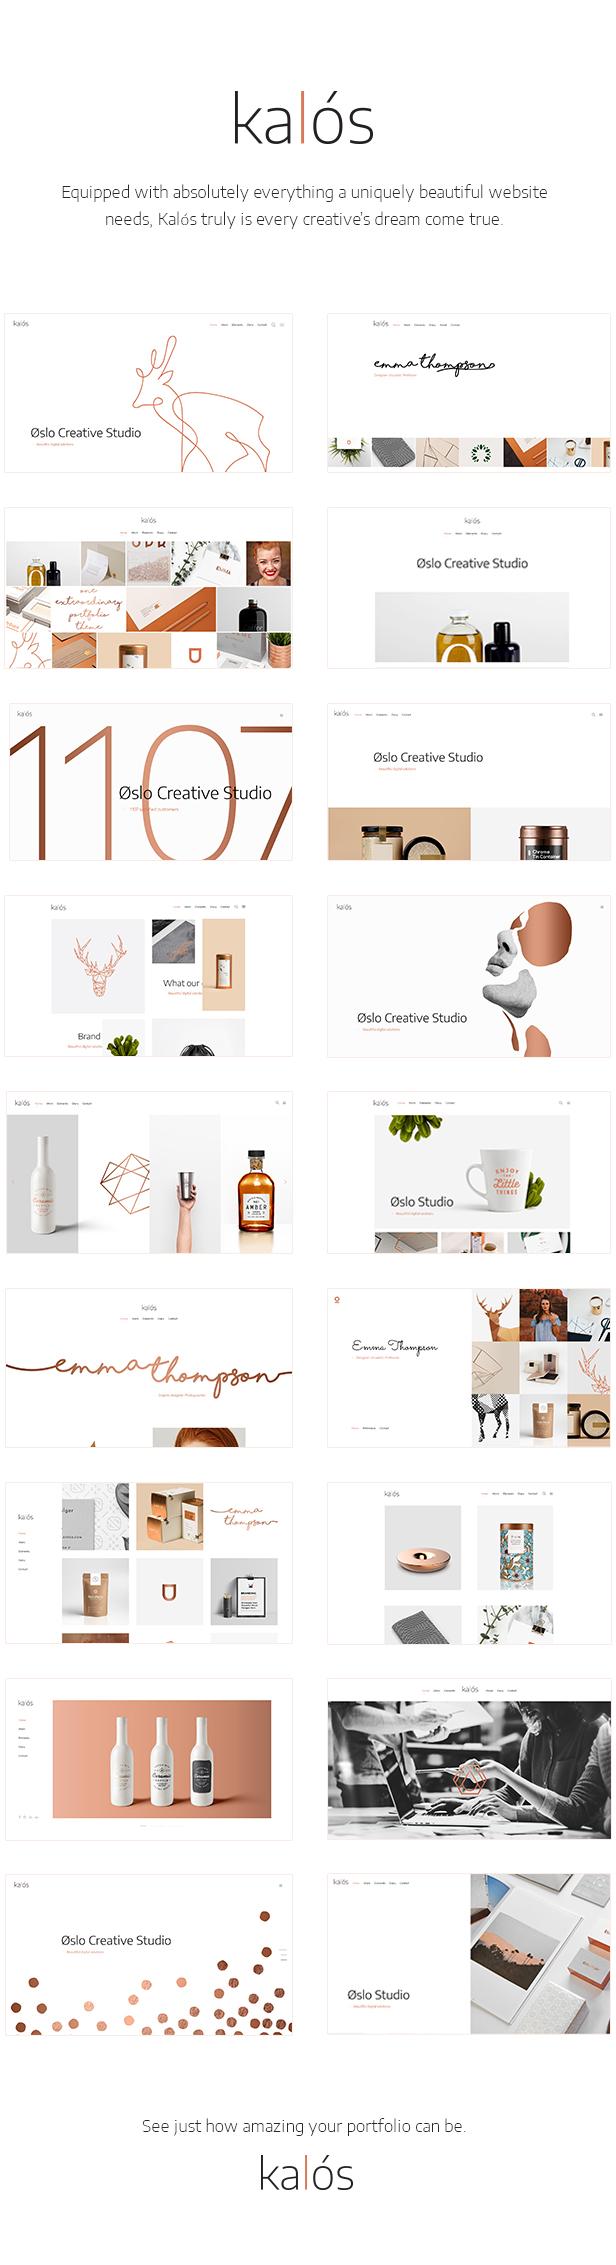 WordPress theme Kalόs - A Clean Multi-Concept Portfolio Theme (Portfolio)